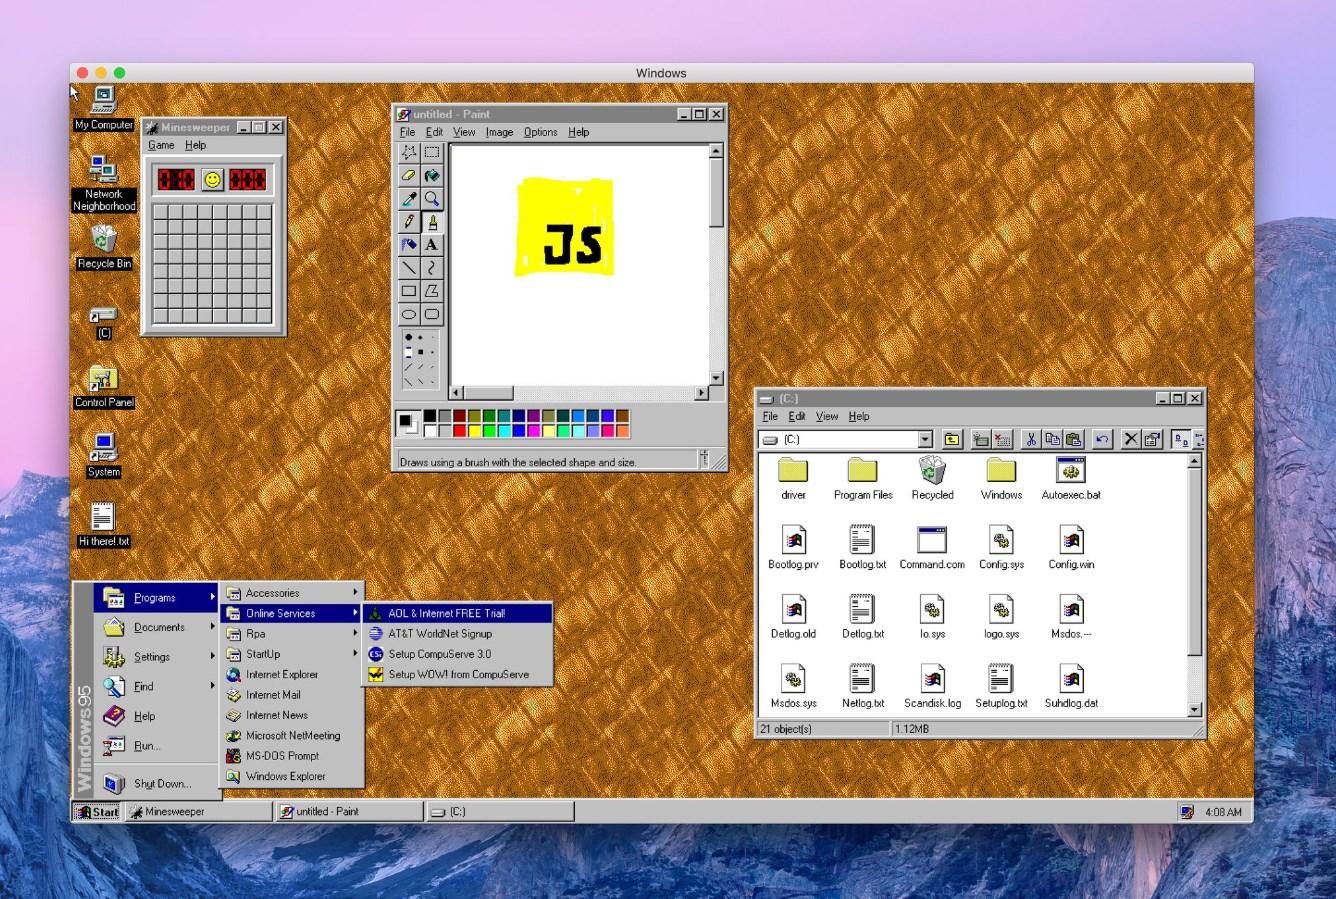 Windows 95 est de retour sur vos appareils